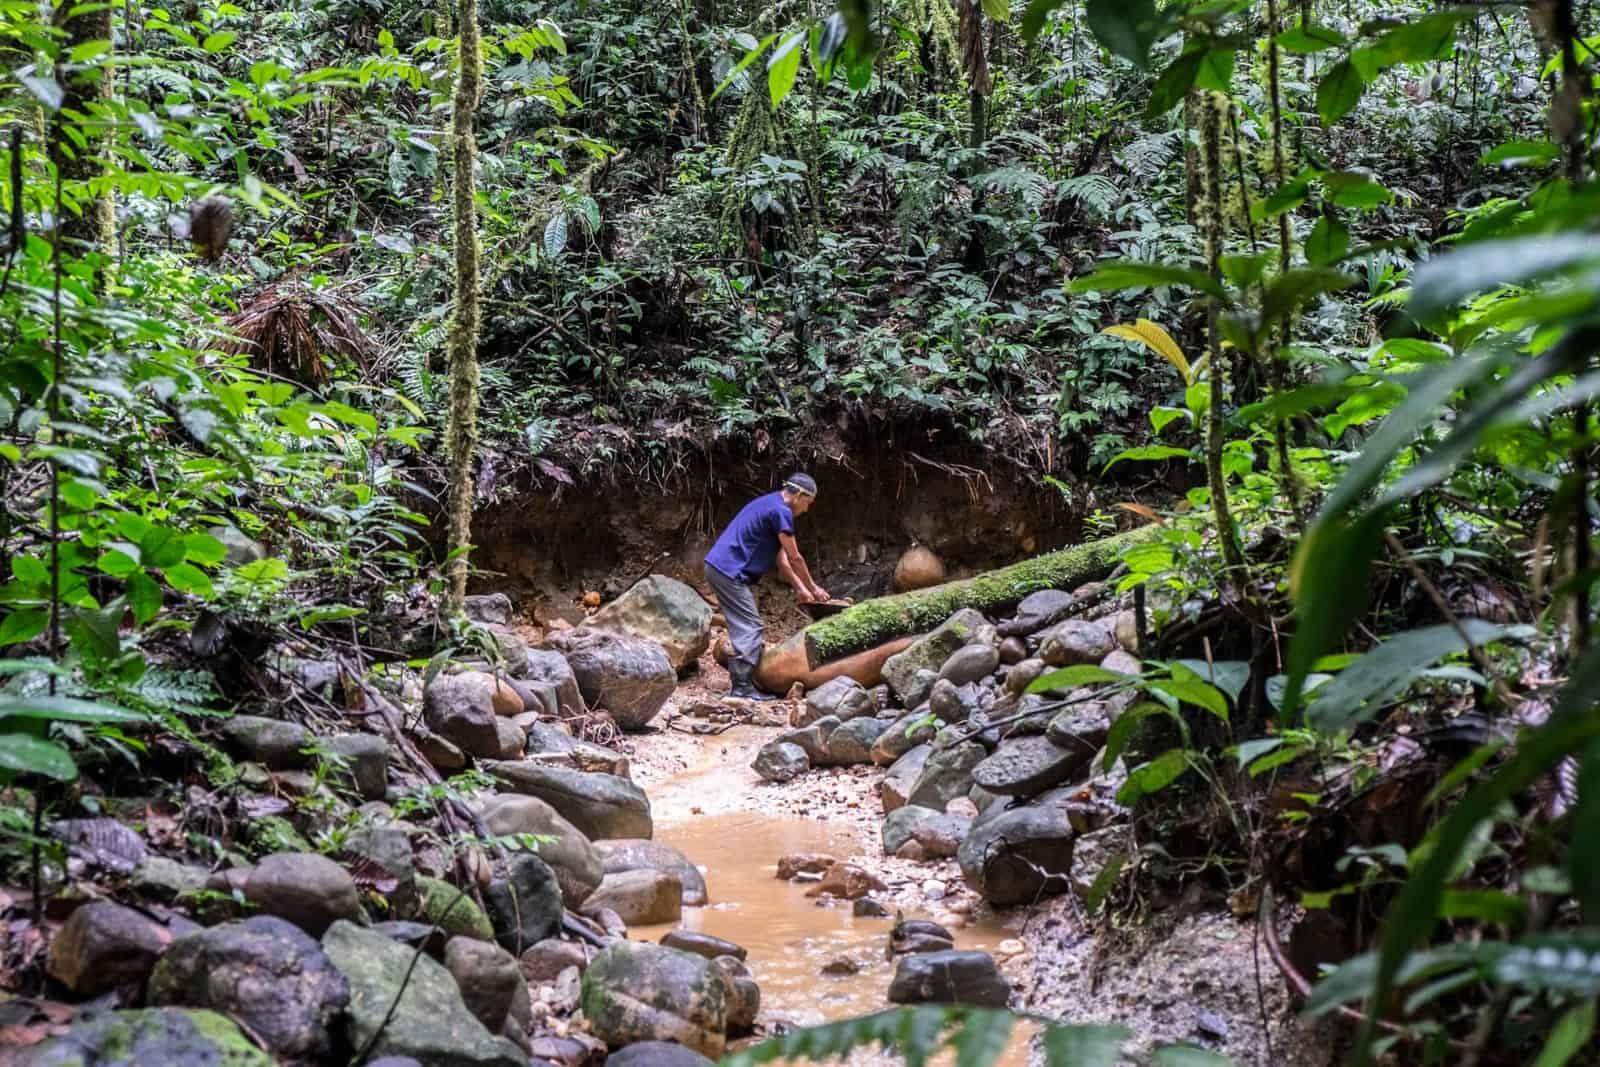 Visita a la selva amazónica ecuatoriana